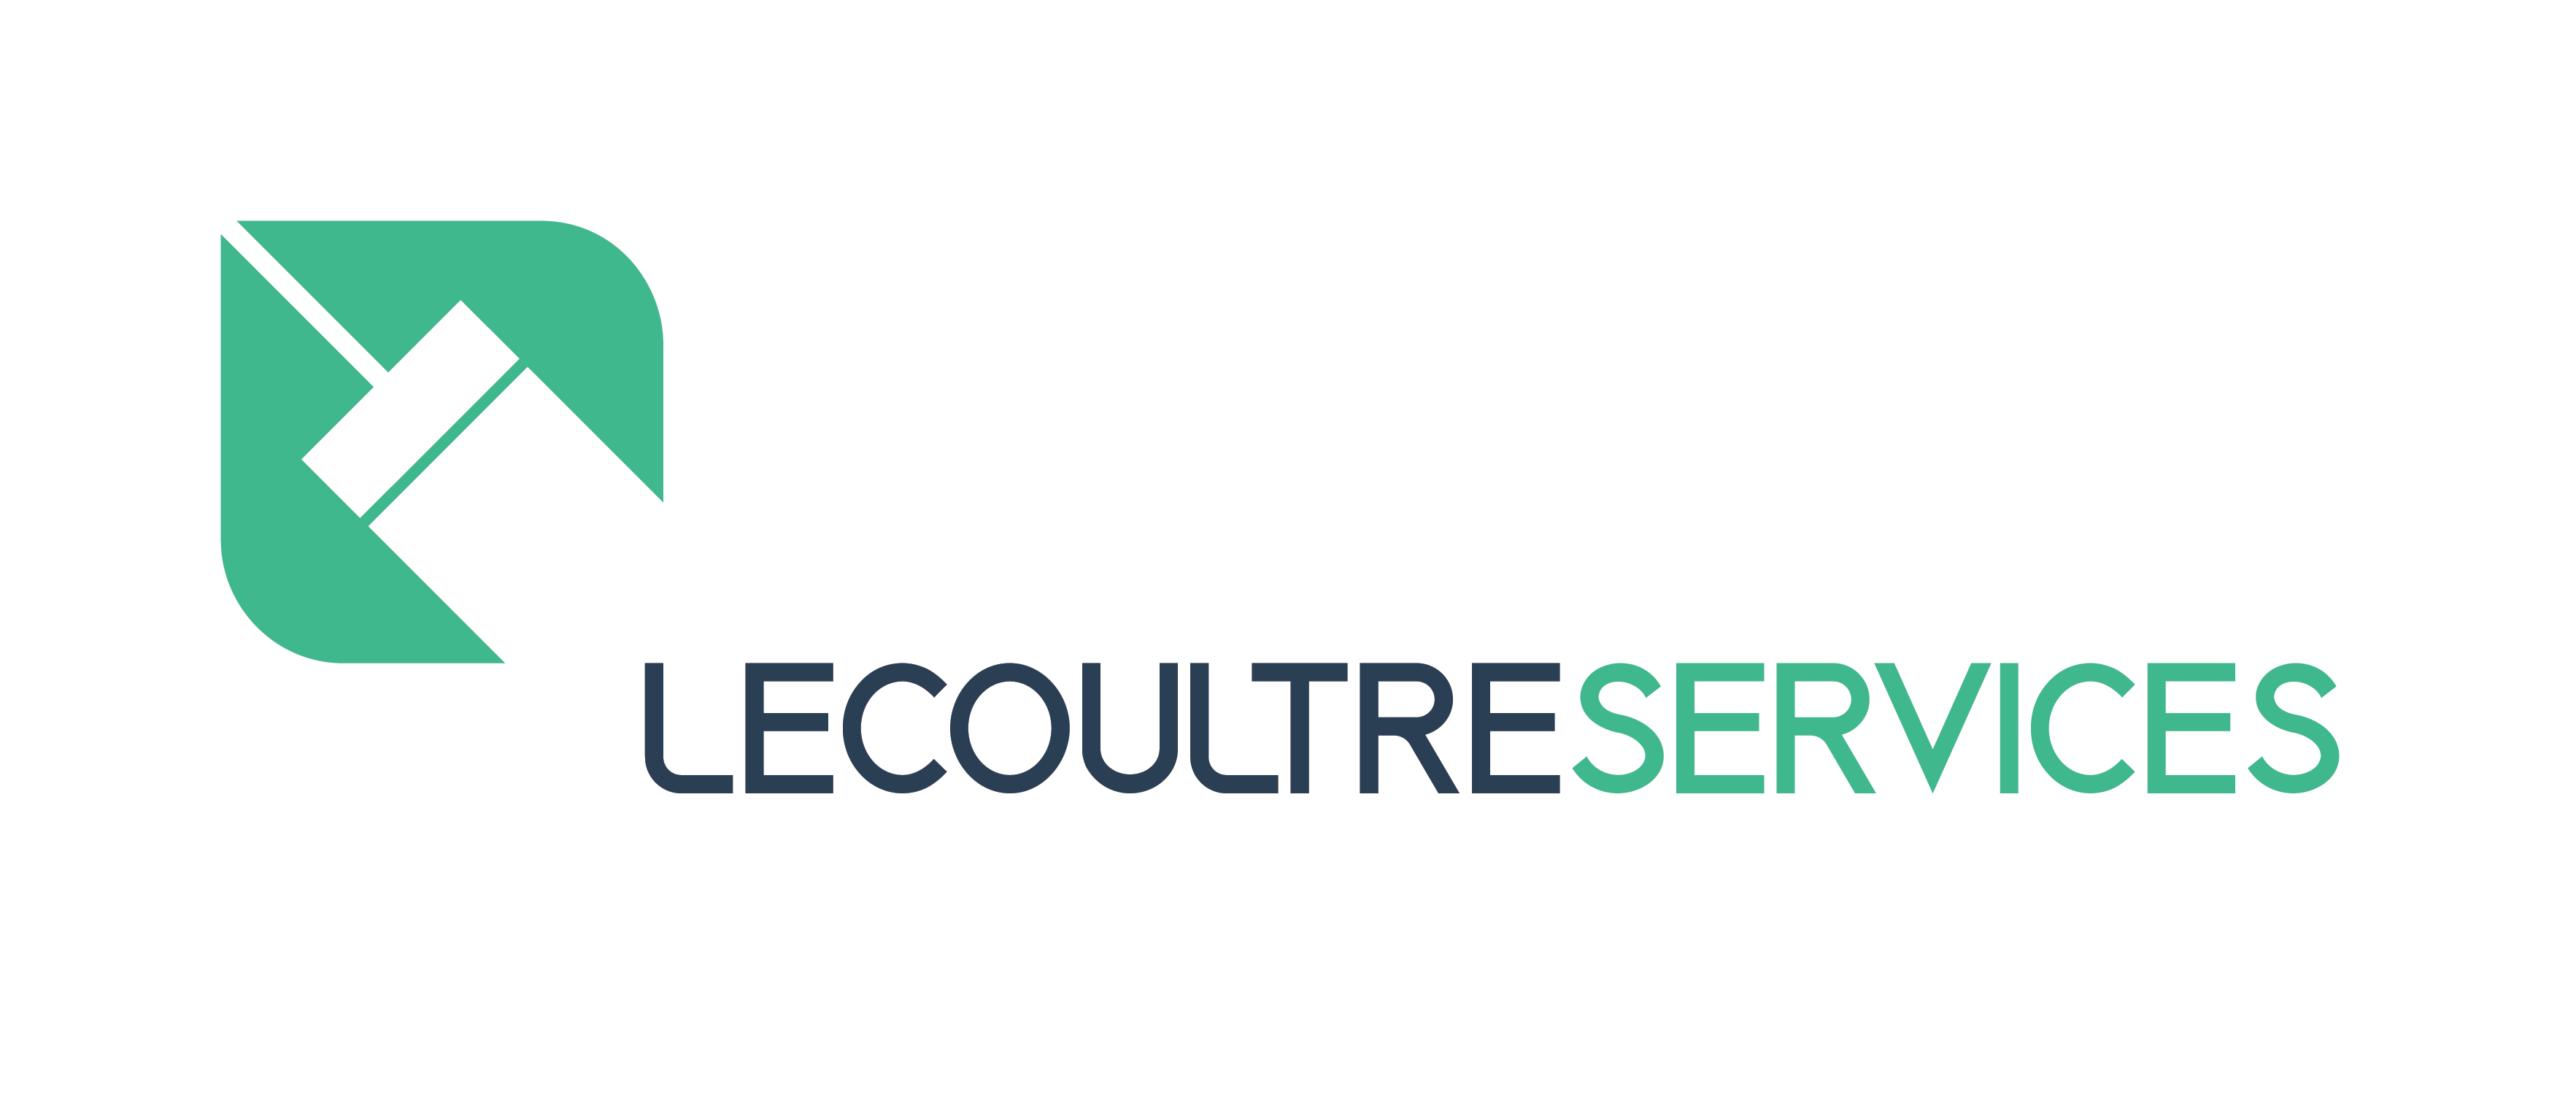 Lecoultre Services